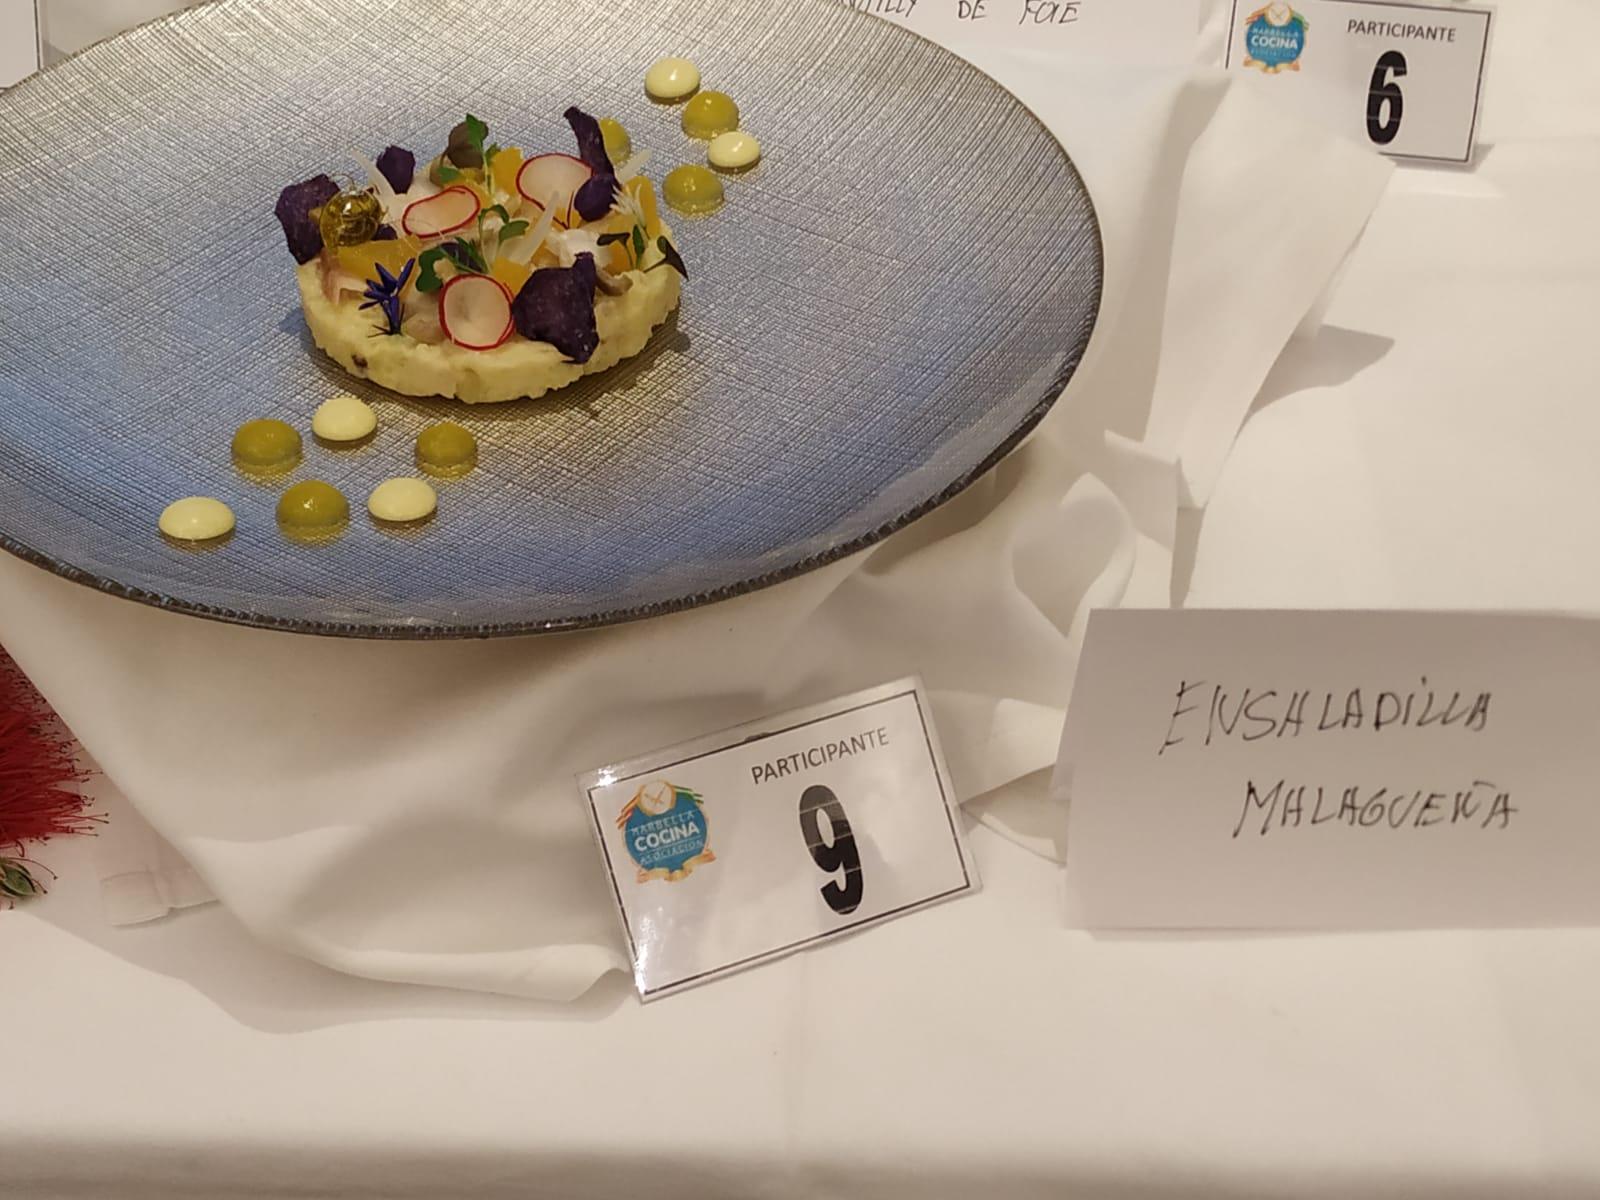 Nuestro alumnos de Cocina se presentan al Concurso Marbella Cocina